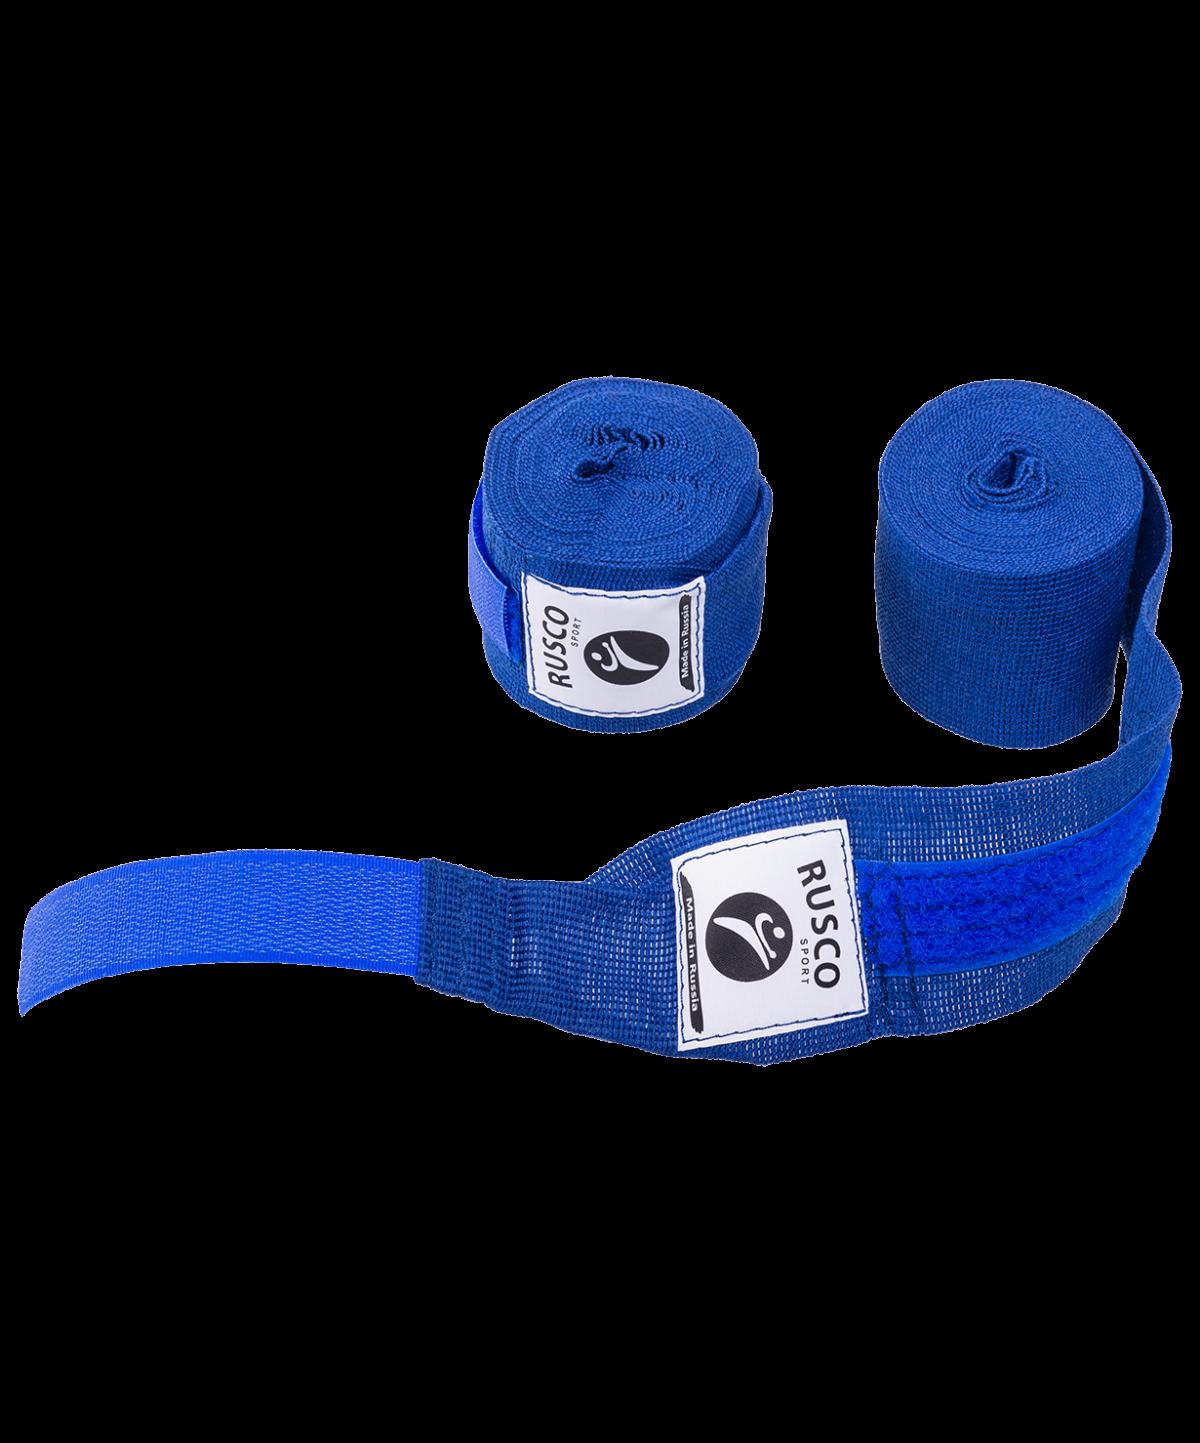 RUSCO Бинт боксерский, 3,5м, хлопок  126: синий - 1